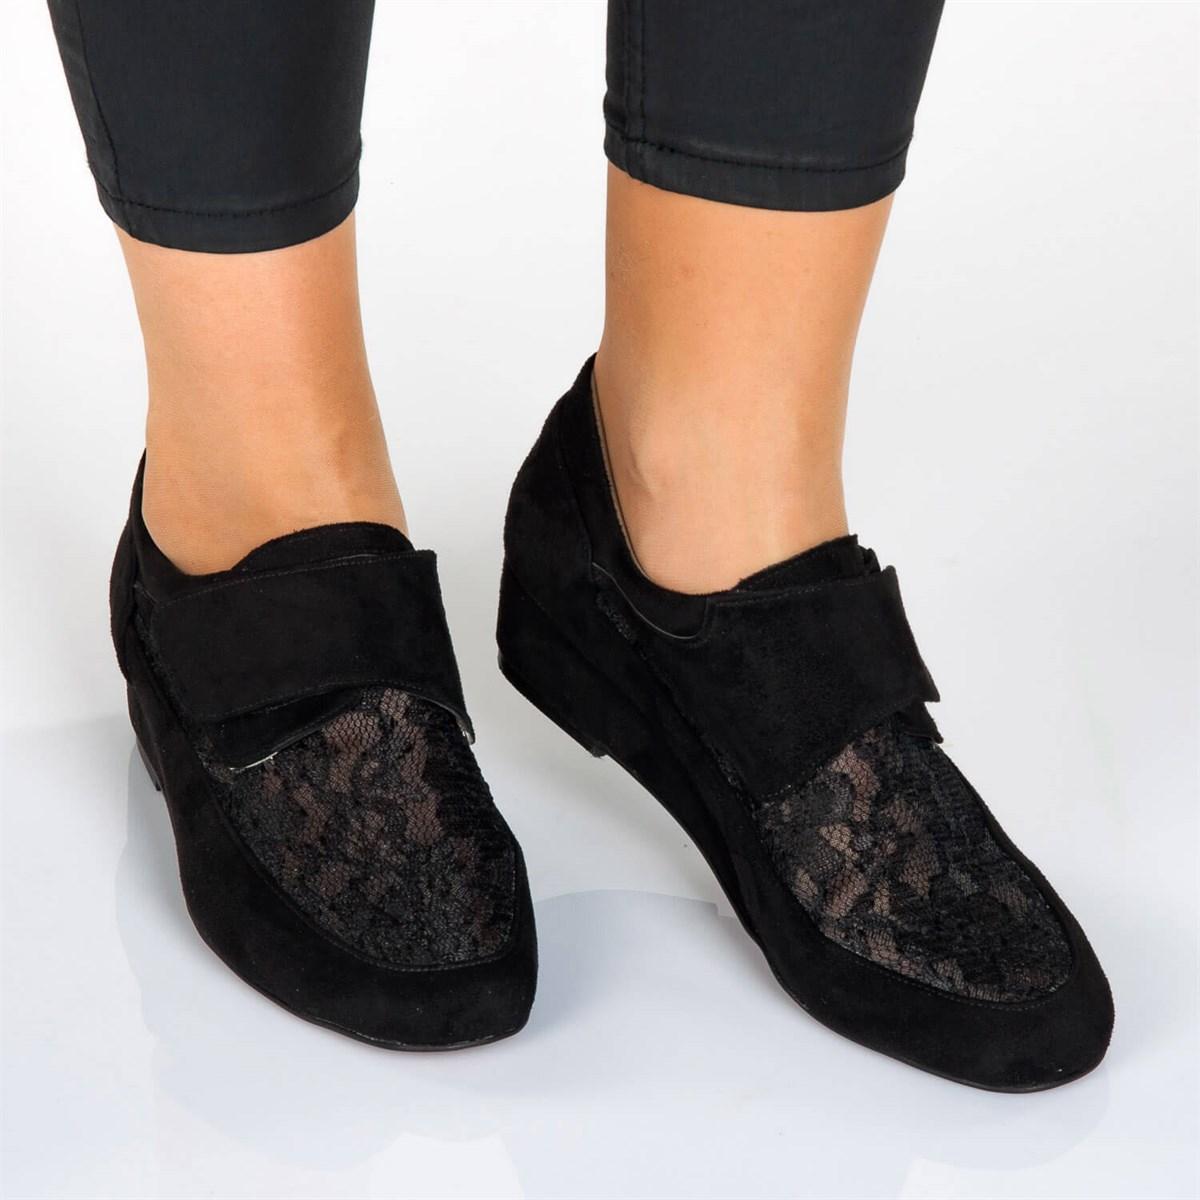 ayakkabı satın alma, kadın ayakkabısı, kendini mutlu etme